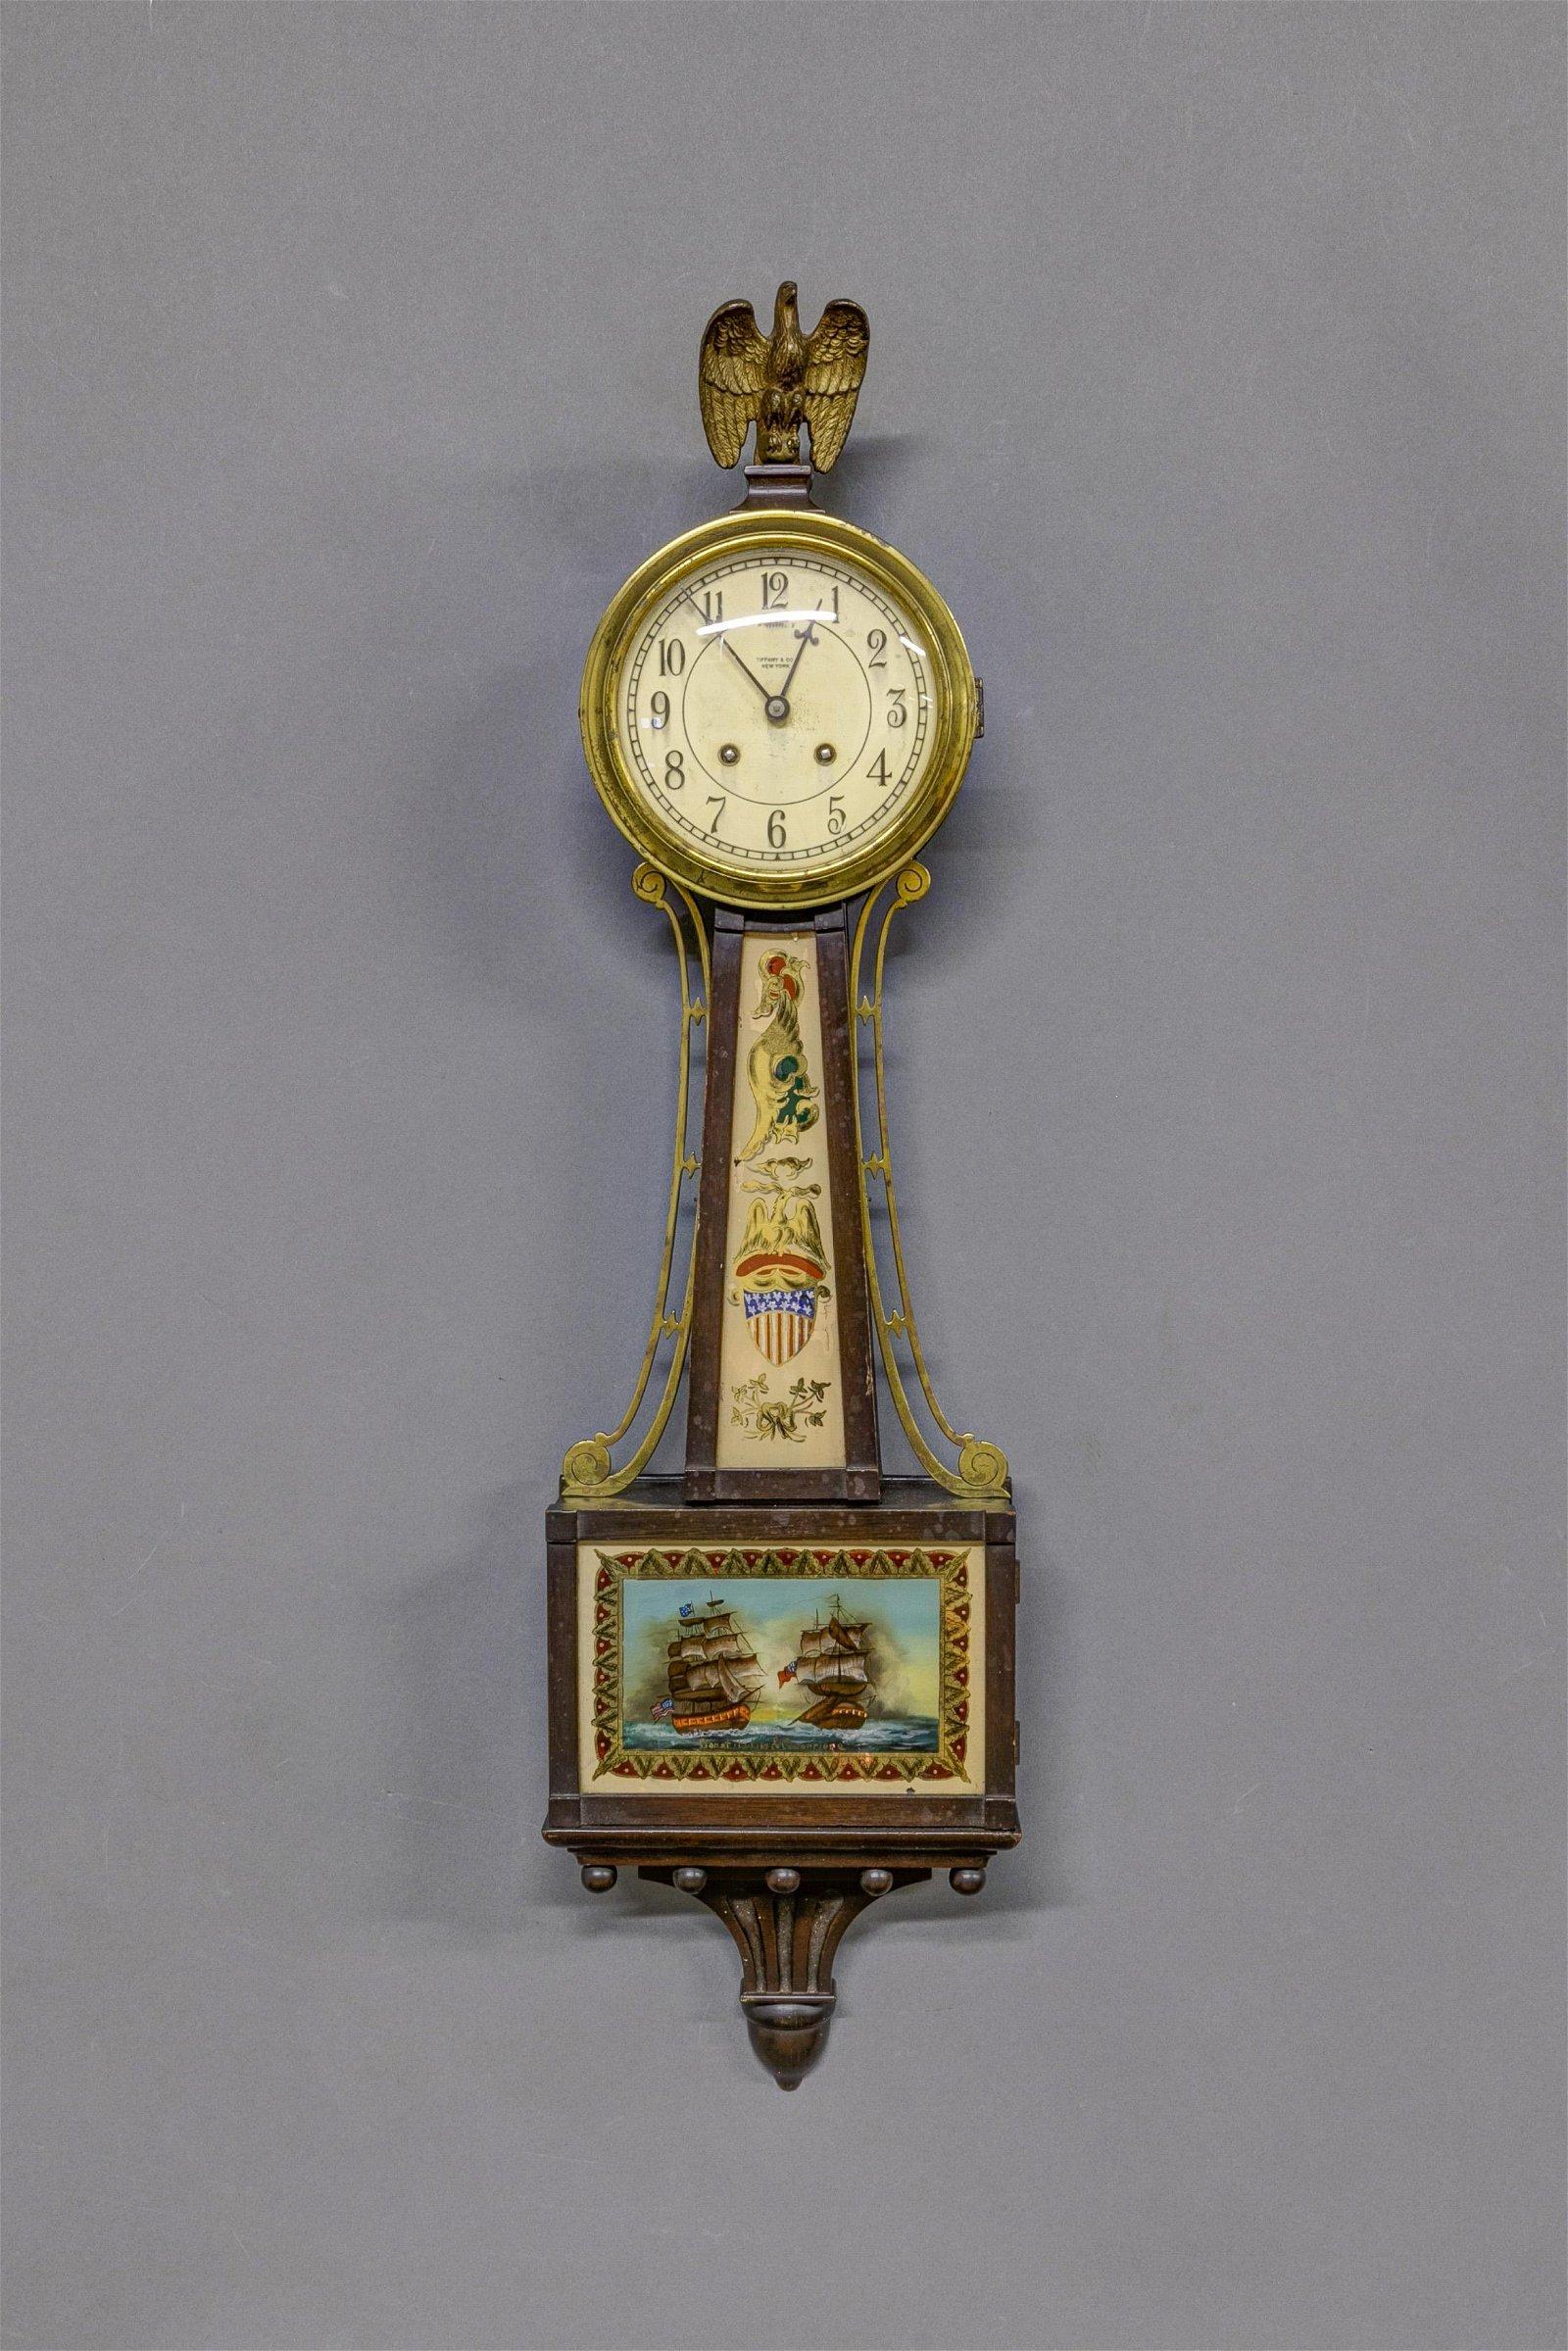 Tiffany & Company Banjo Clock